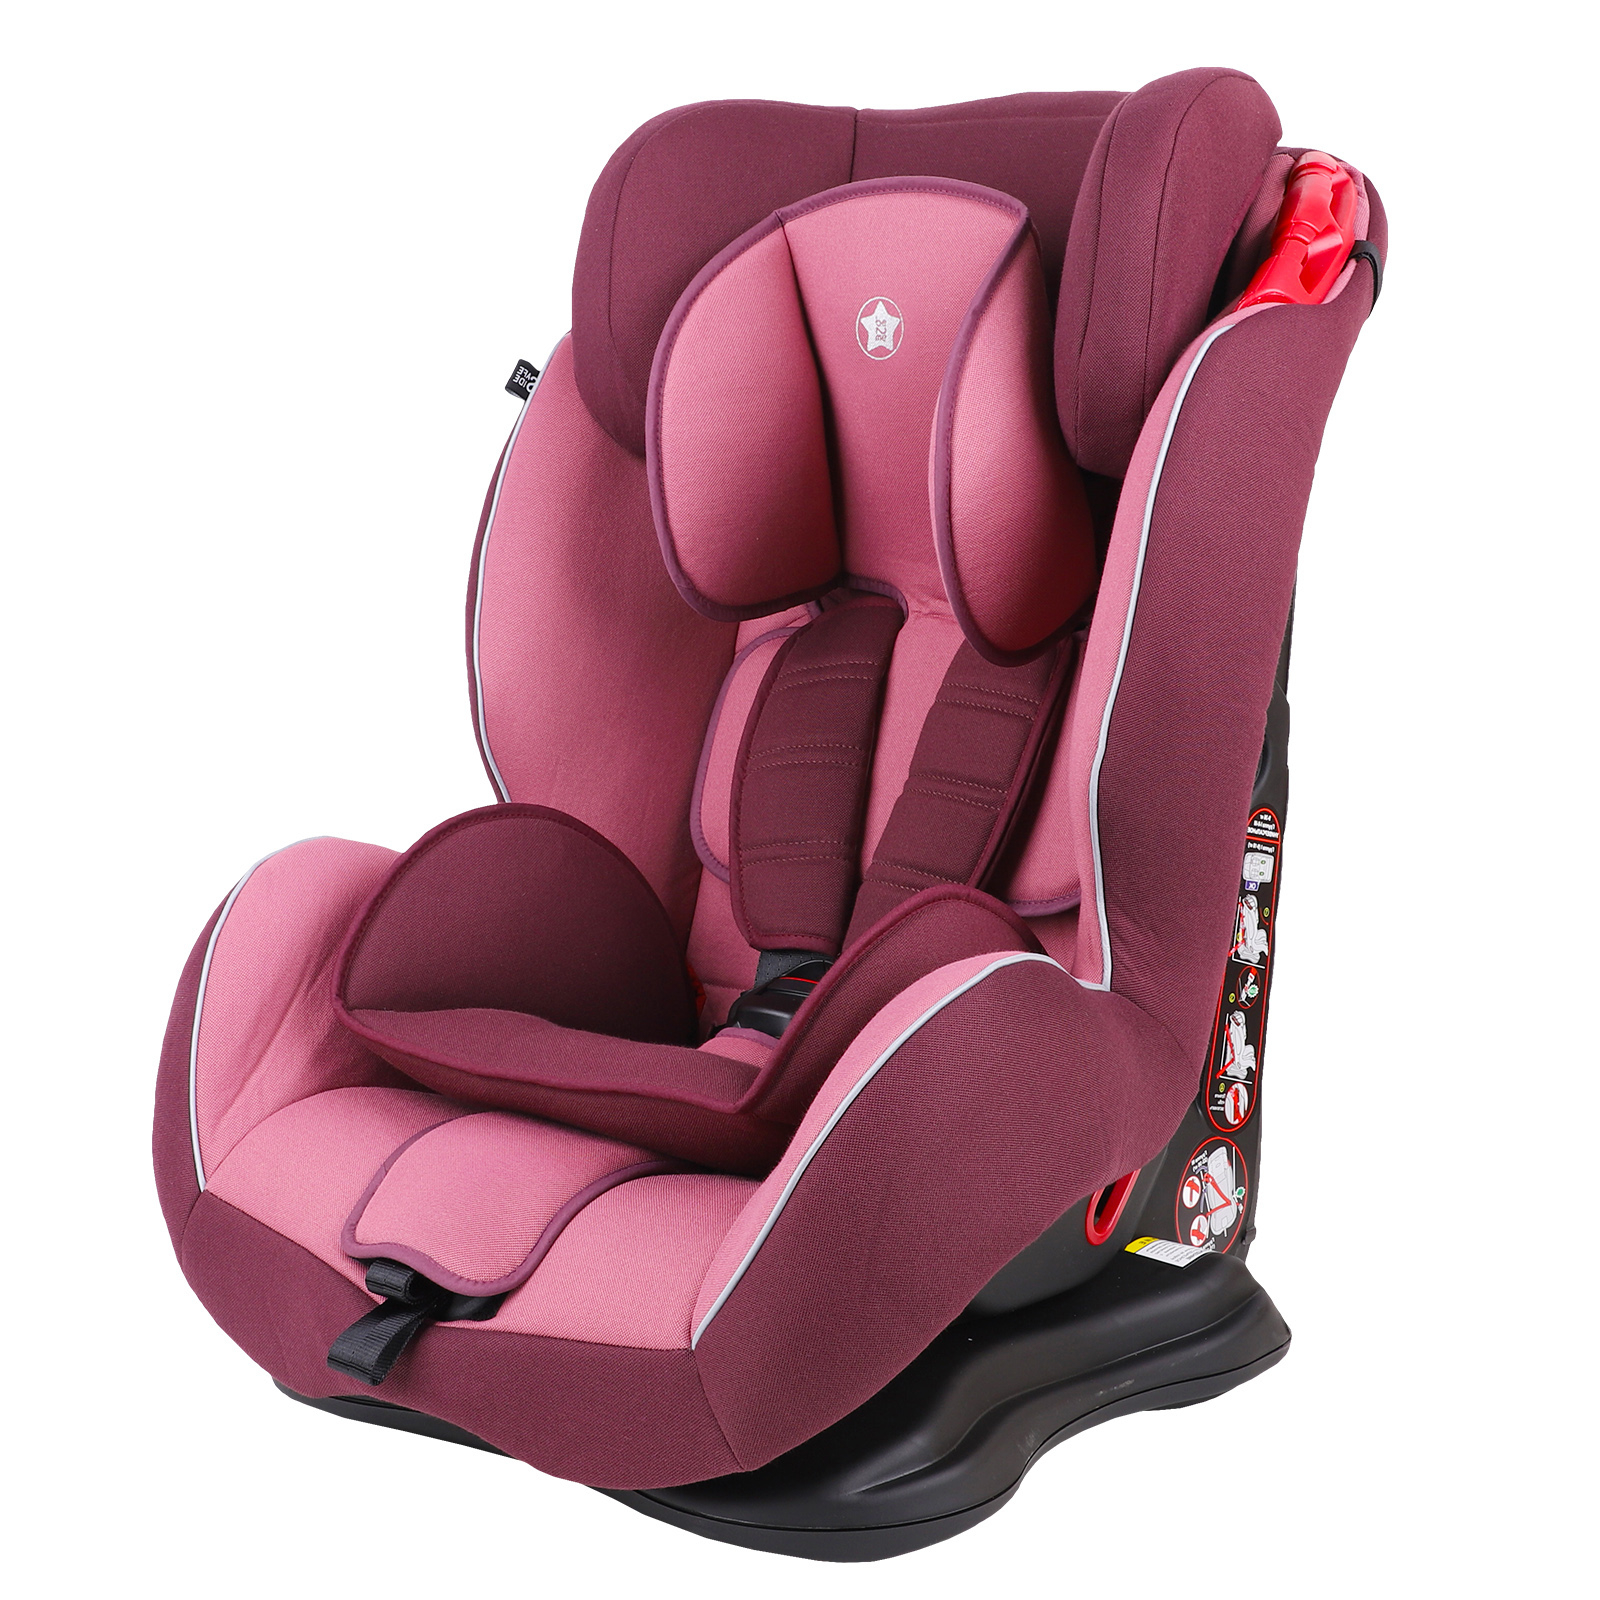 Автокресло Be2Me фиолетовый с розовым, группа 1/2/3, 9-36 кг автокресло be2me фиолетовый с синим группа 1 2 3 9 36 кг